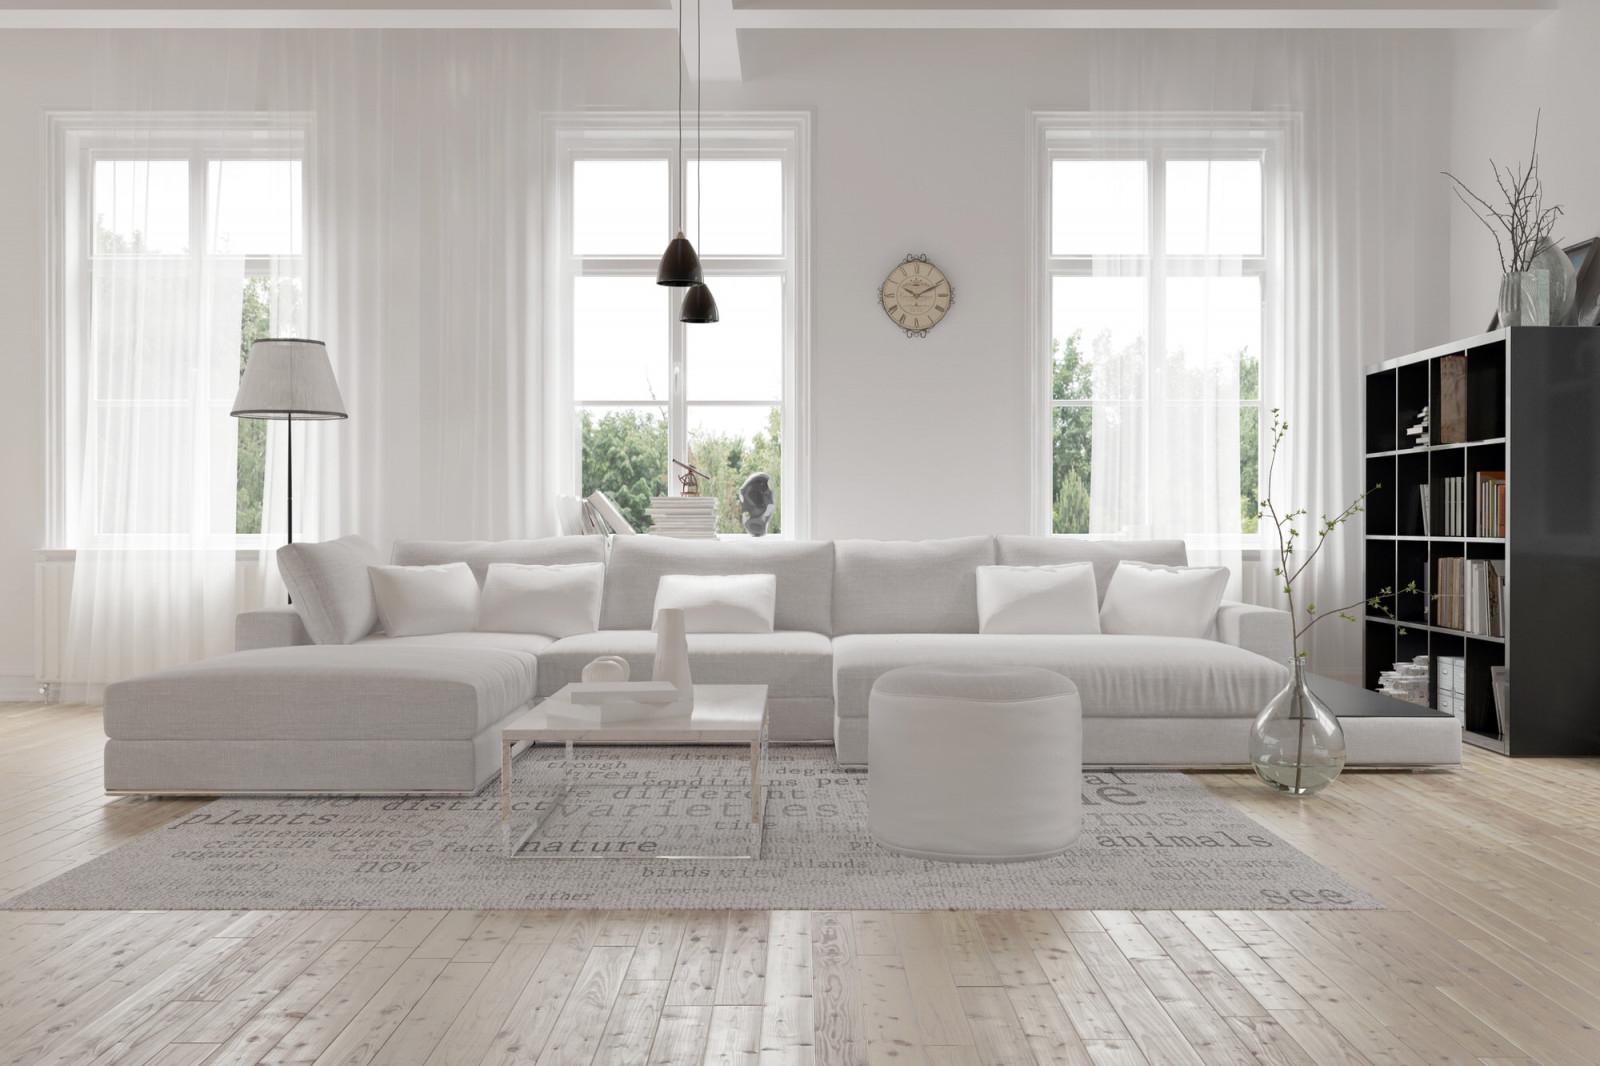 Große Räume Einrichten Und Gestalten – So Geht's  Heimhelden von Wohnzimmer Hell Gestalten Bild